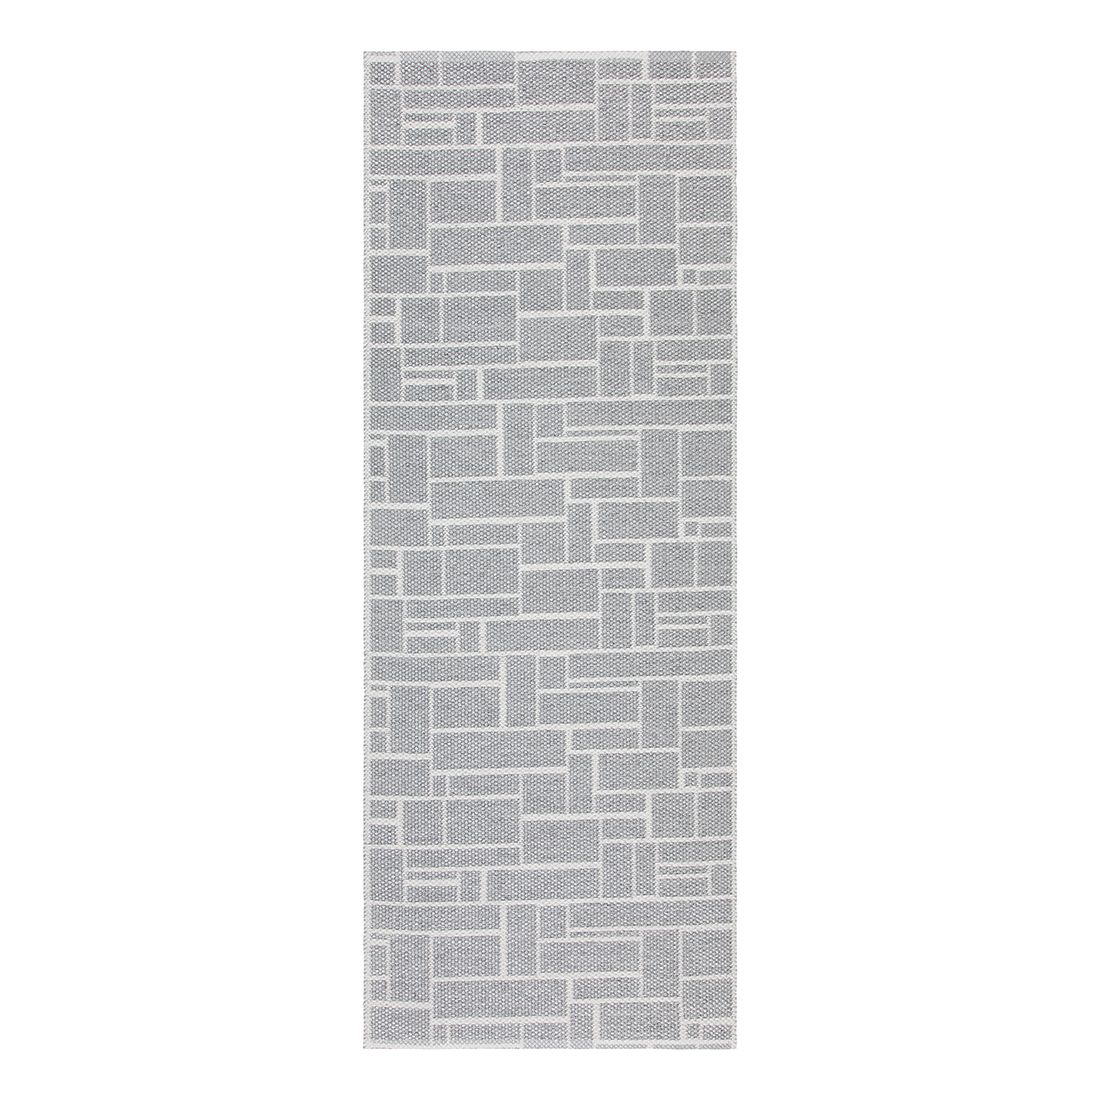 In-/Outdoorteppich Dama Metallic I – Kunstfaser Grau/KaltWeiß – 60 x 120 cm, Swedy günstig kaufen